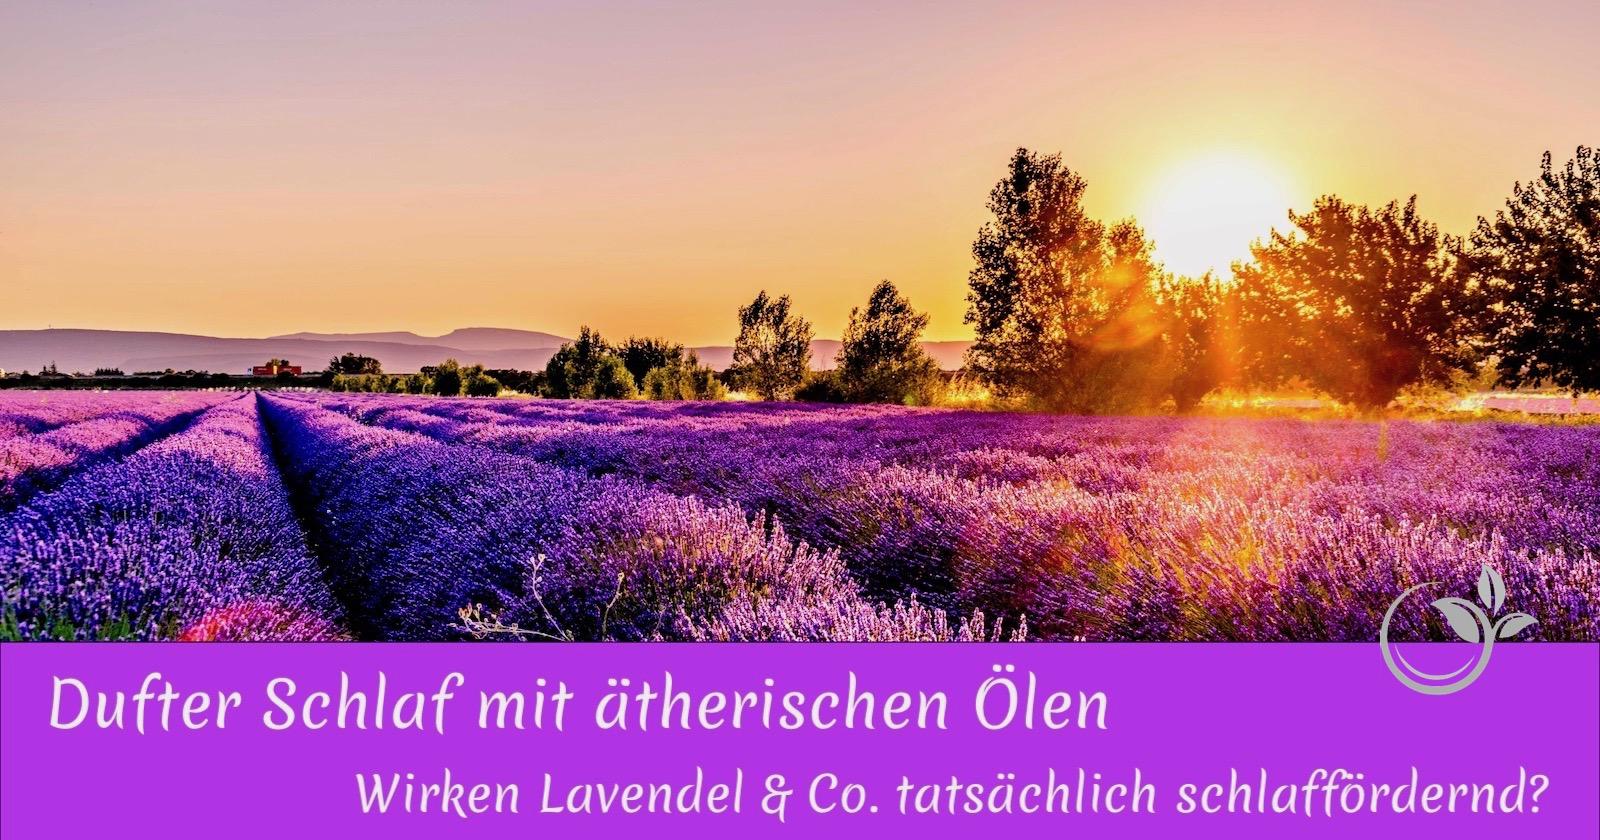 Dufter Schlaf mit ätherischen Ölen – Wirken Lavendel & Co. tatsächlich schlaffördernd?